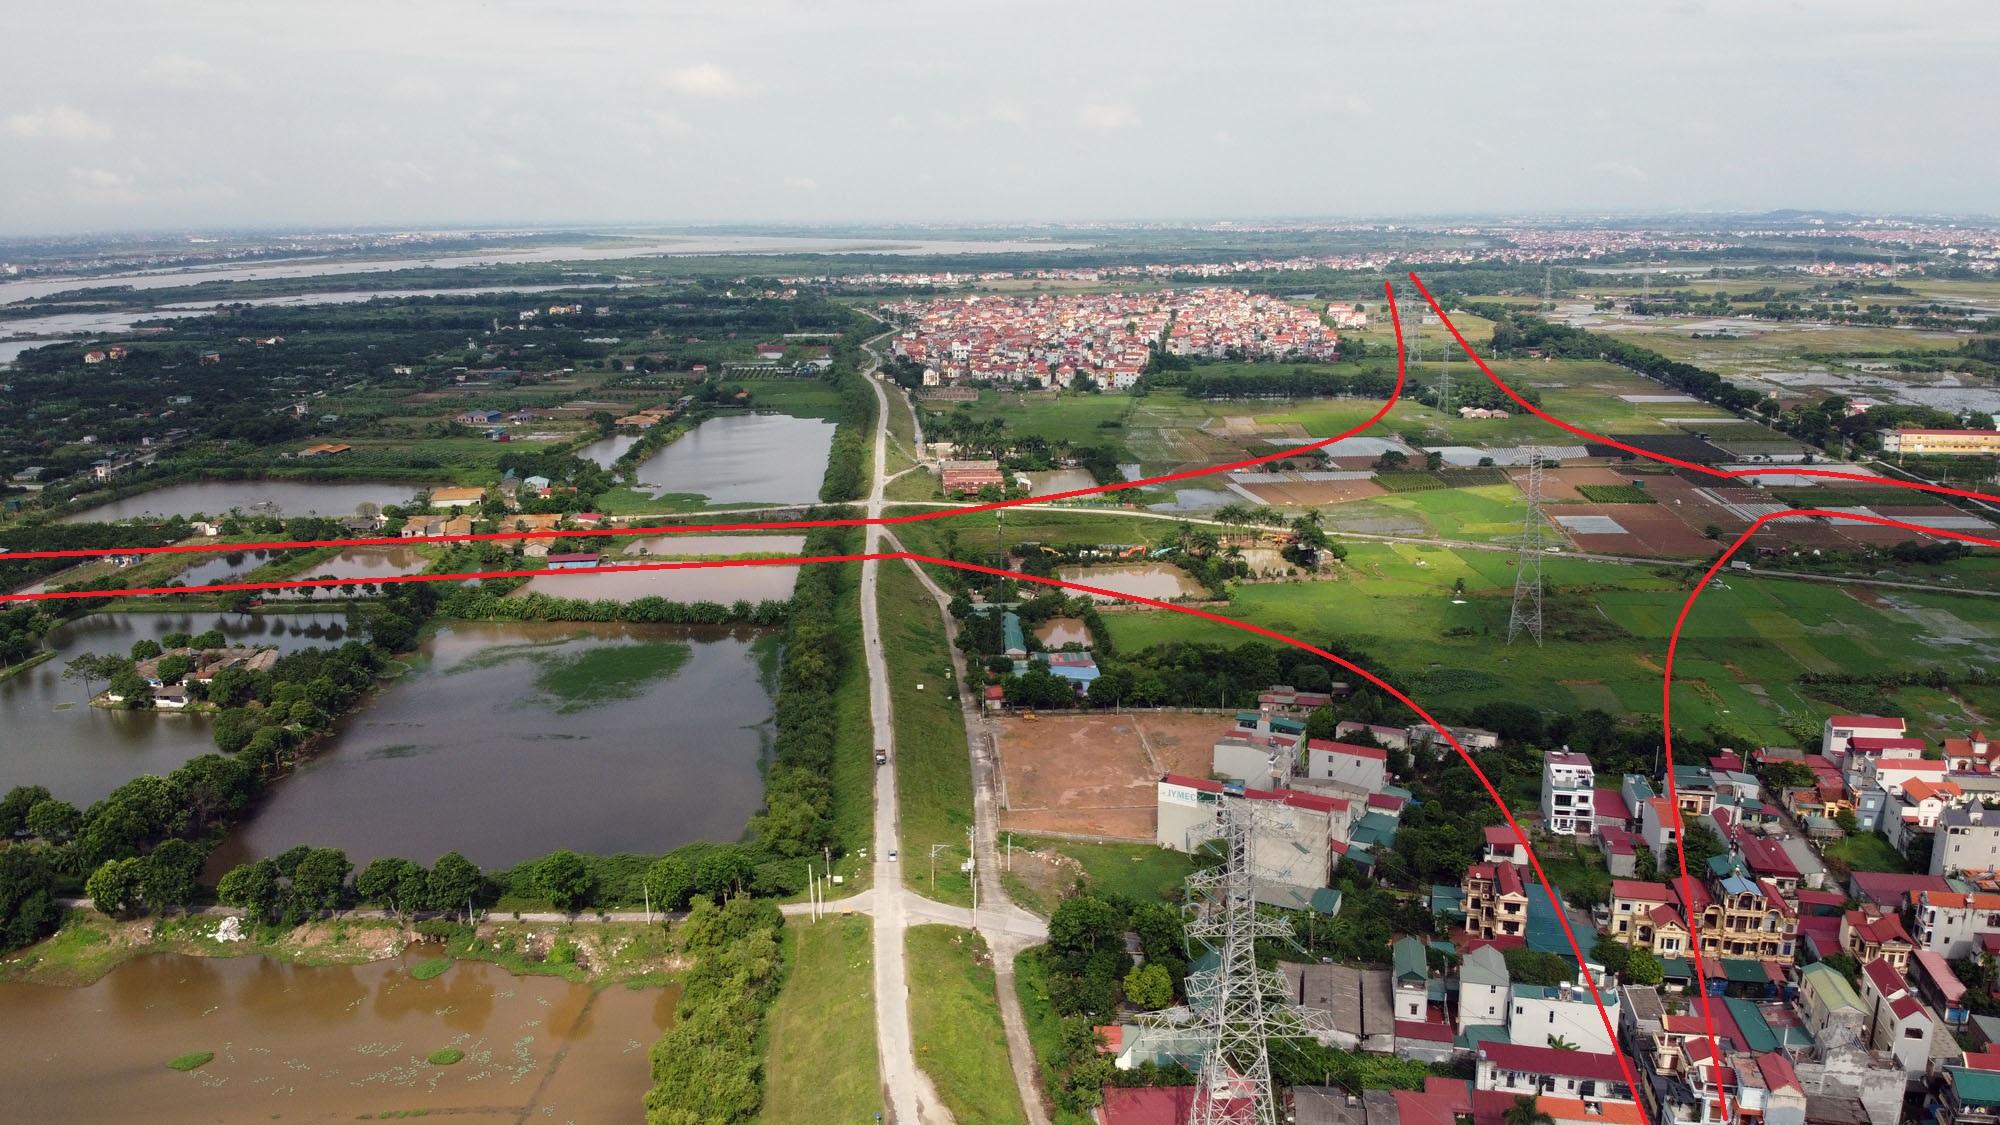 Ba đường sẽ mở theo qui hoạch ở xã Đại Mạch, Đông Anh, Hà Nội - Ảnh 6.